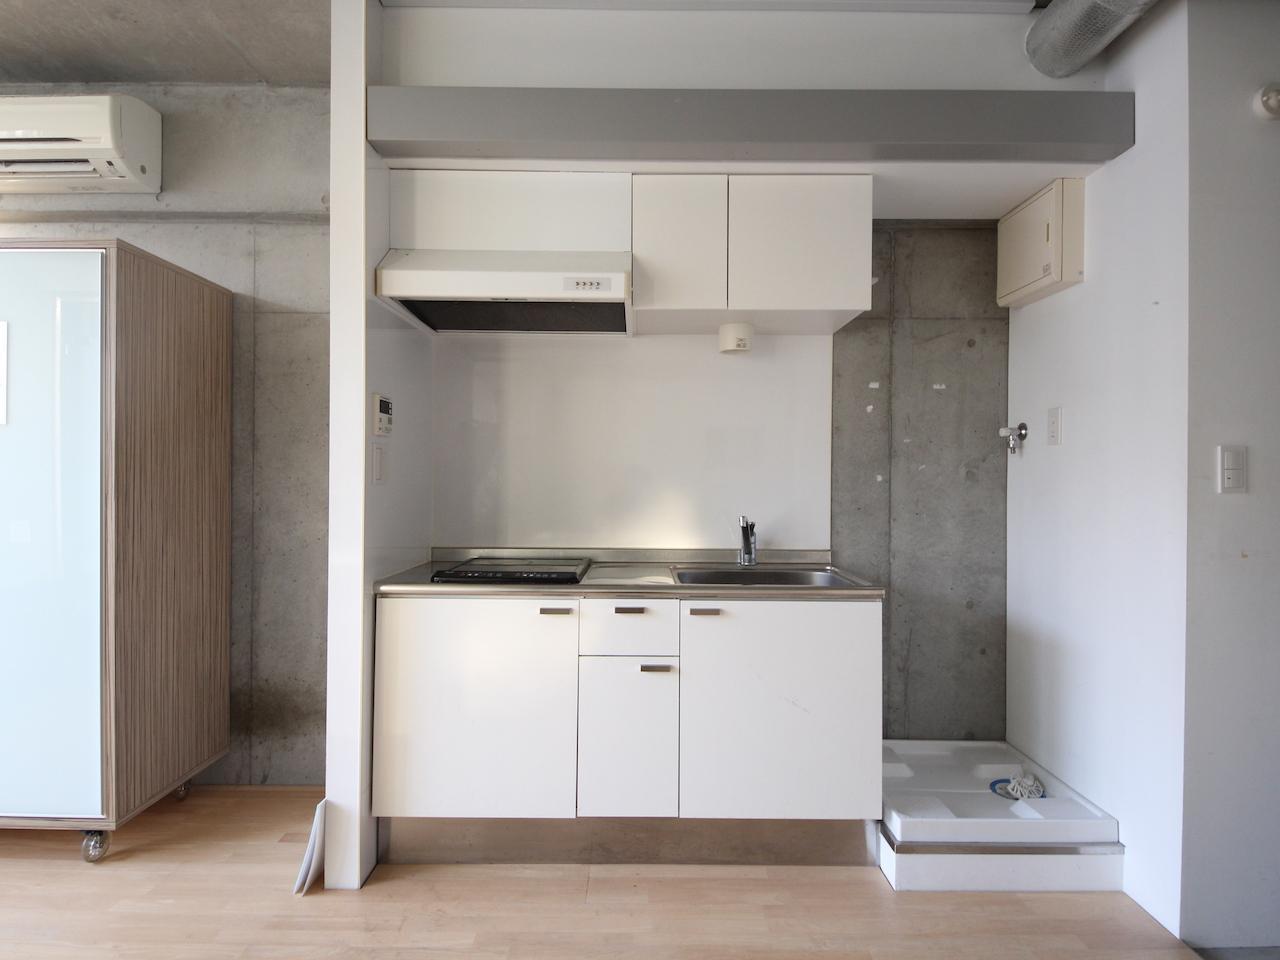 キッチンは一人暮らしにちょうどいい大きさ